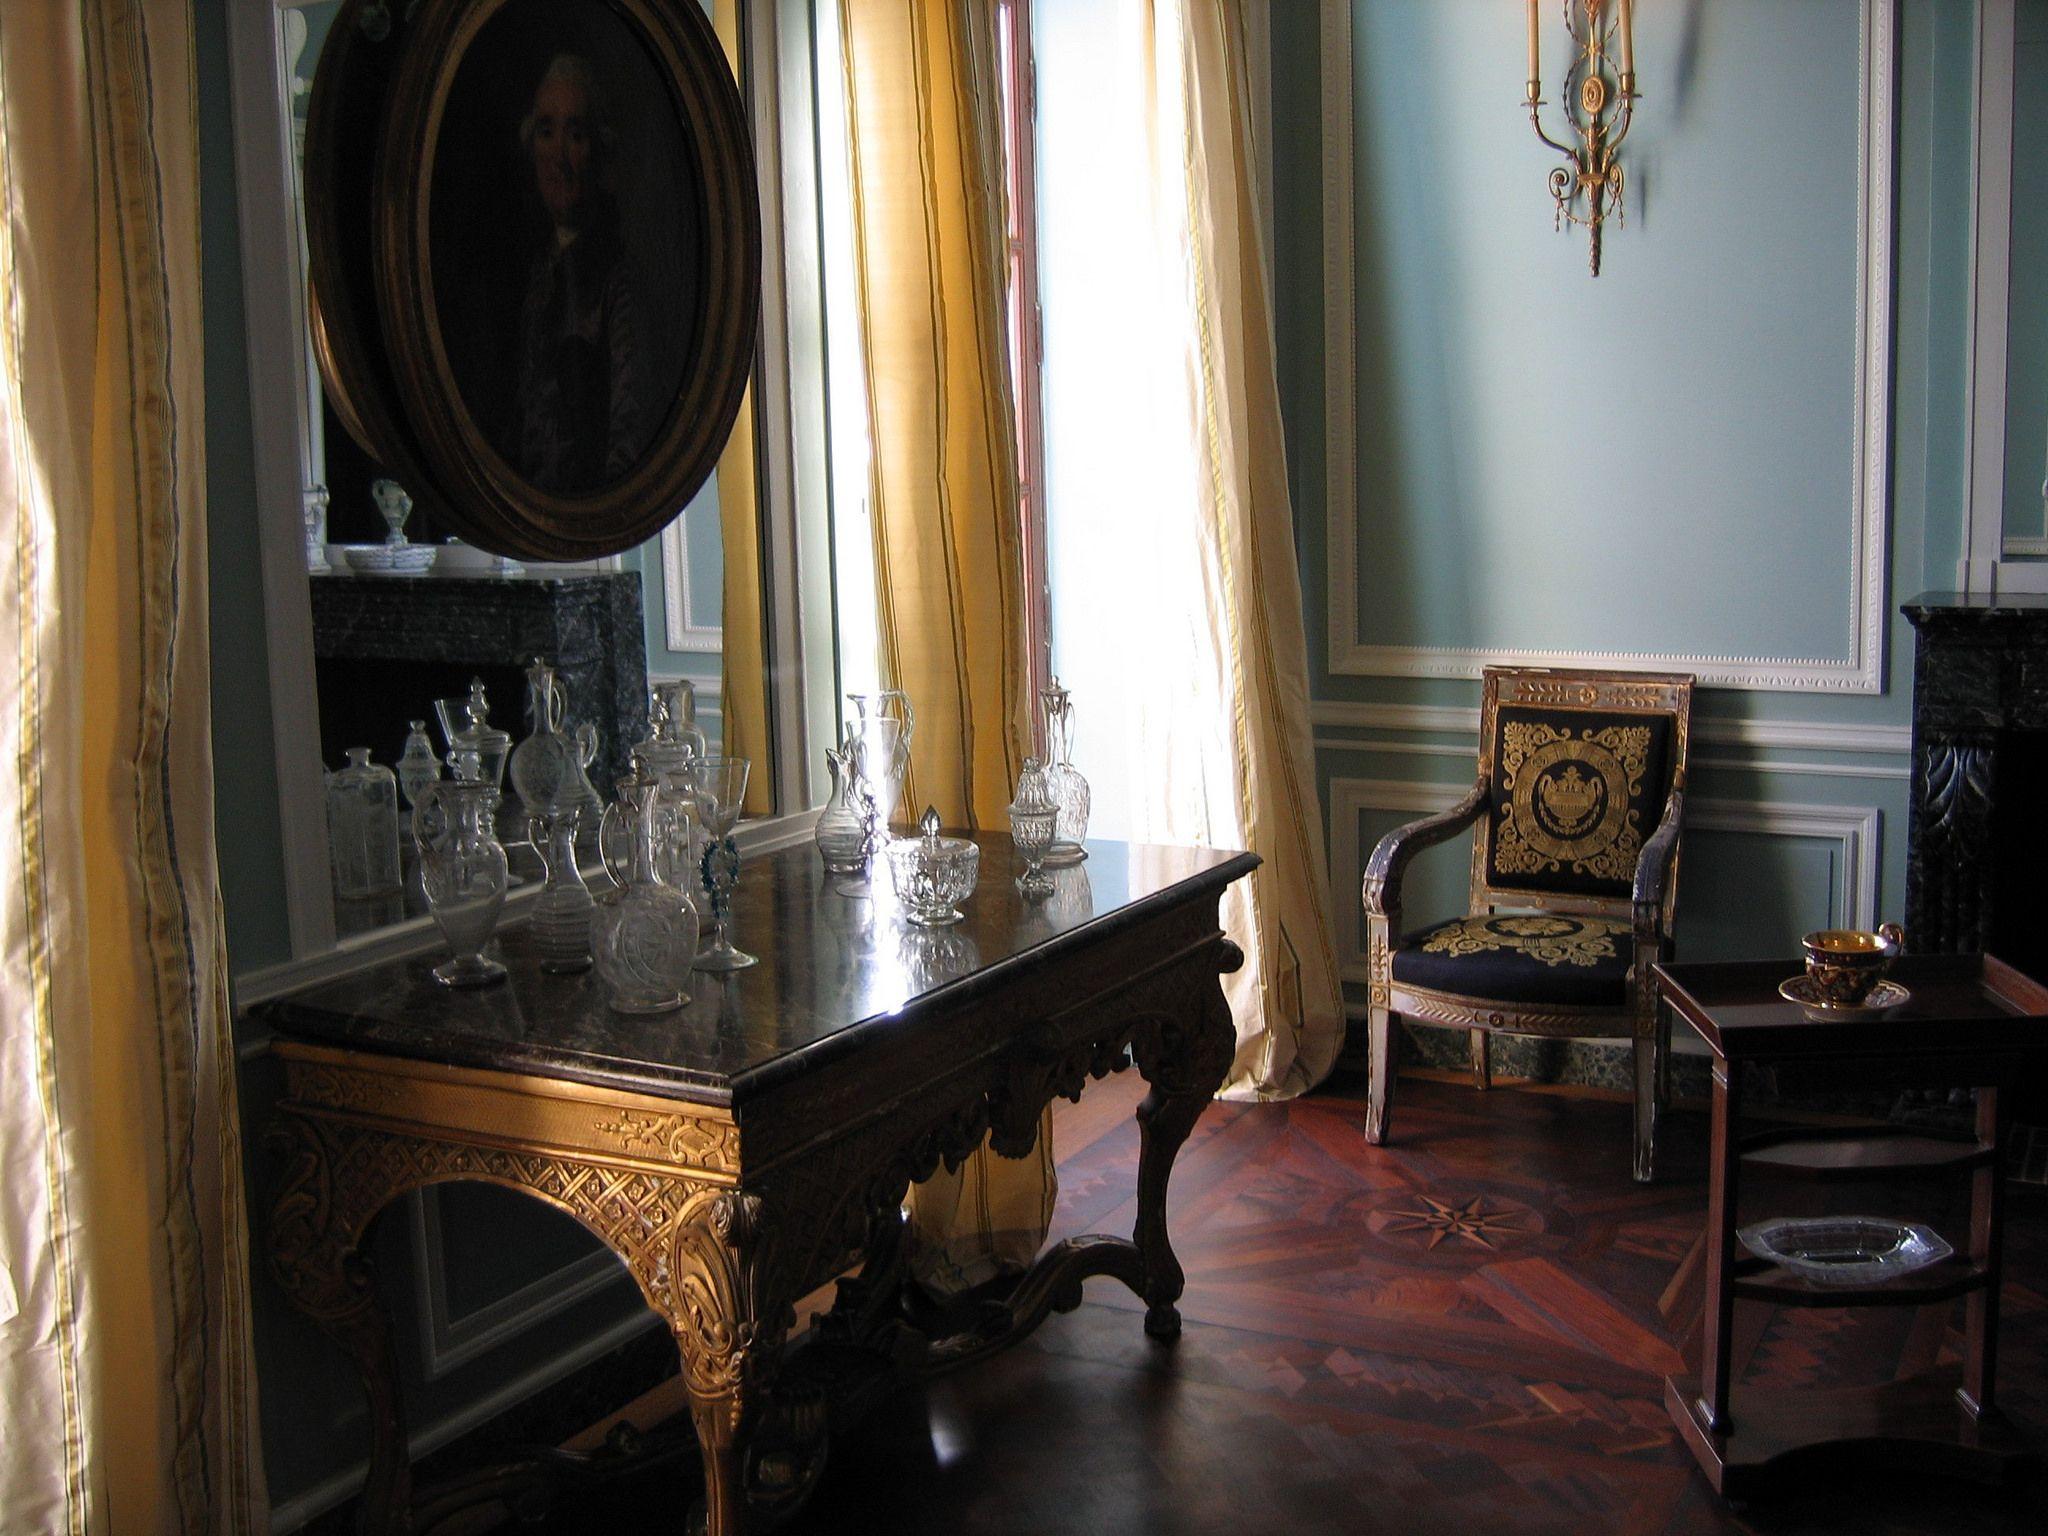 Le havre maison de l 39 armateur french interiors french style home decor french interior home - Maison de l armateur le havre ...